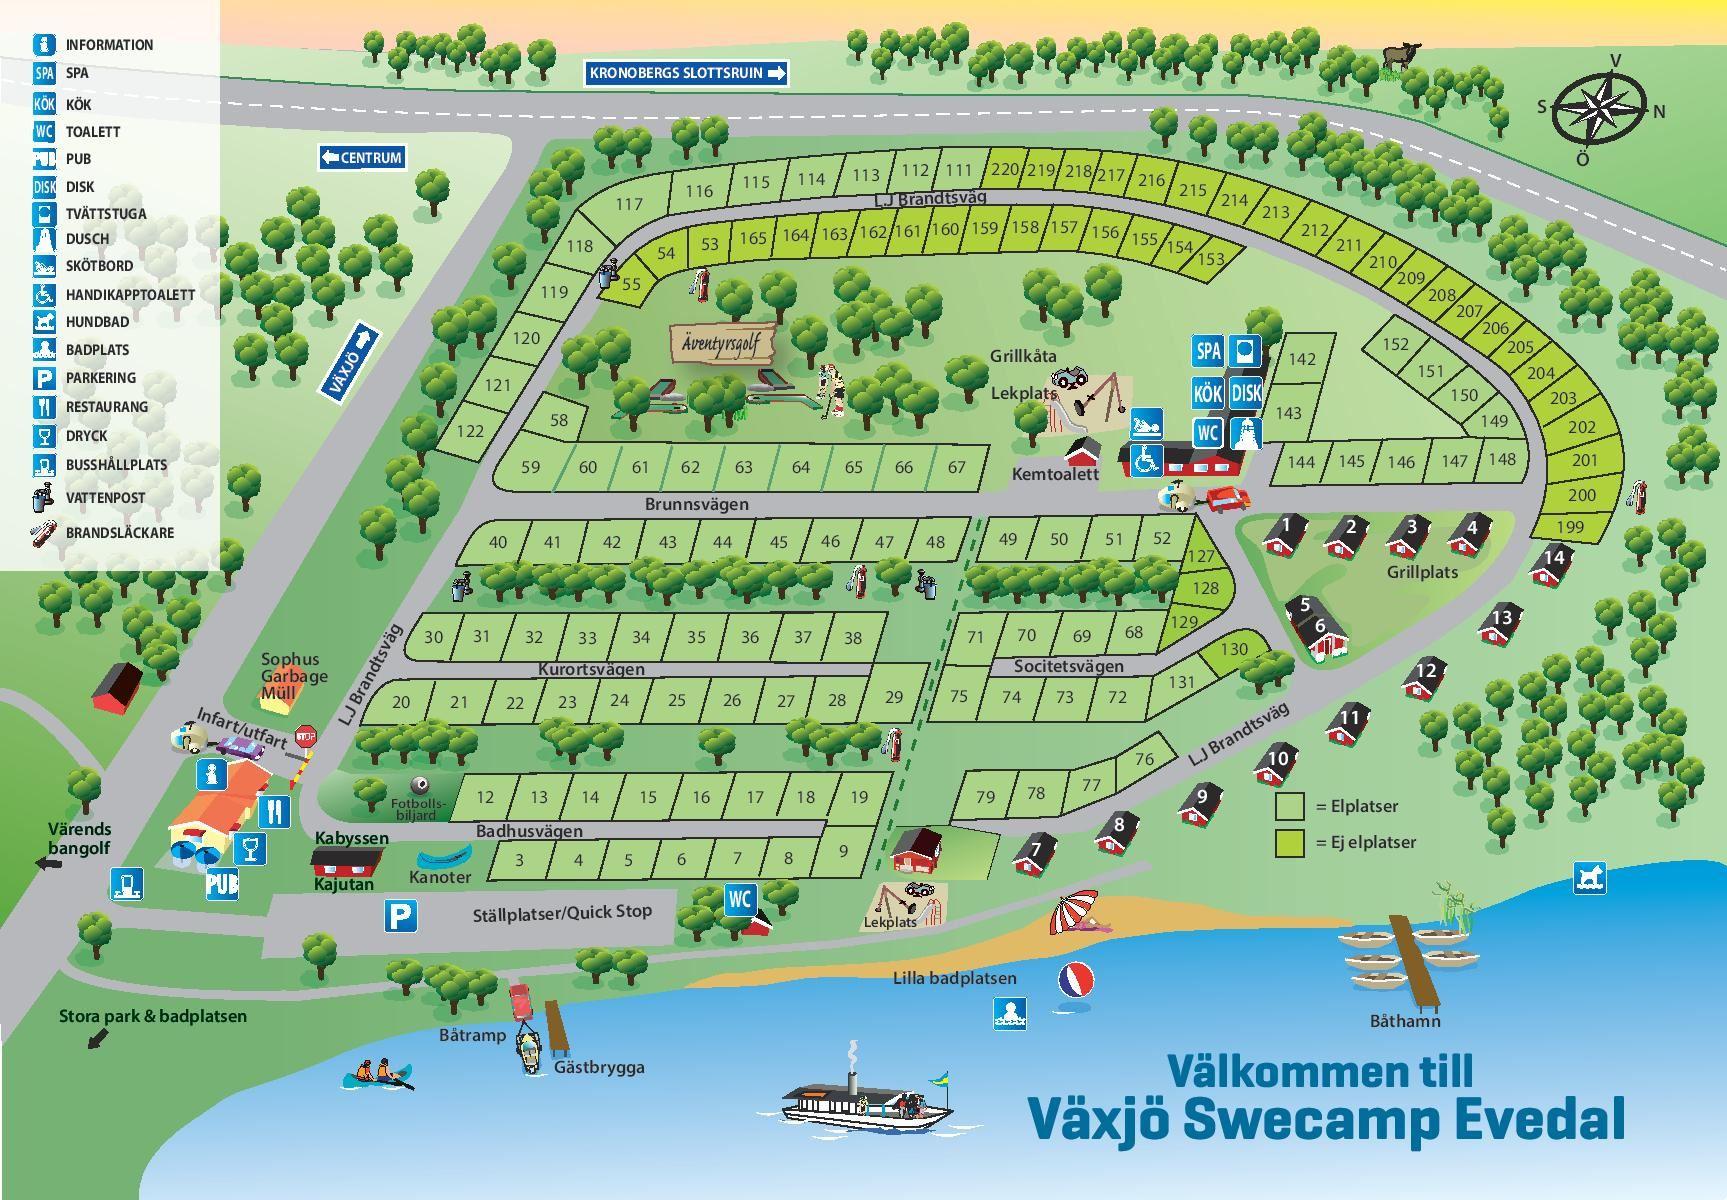 Växjö Swecamp Evedal/Stugor